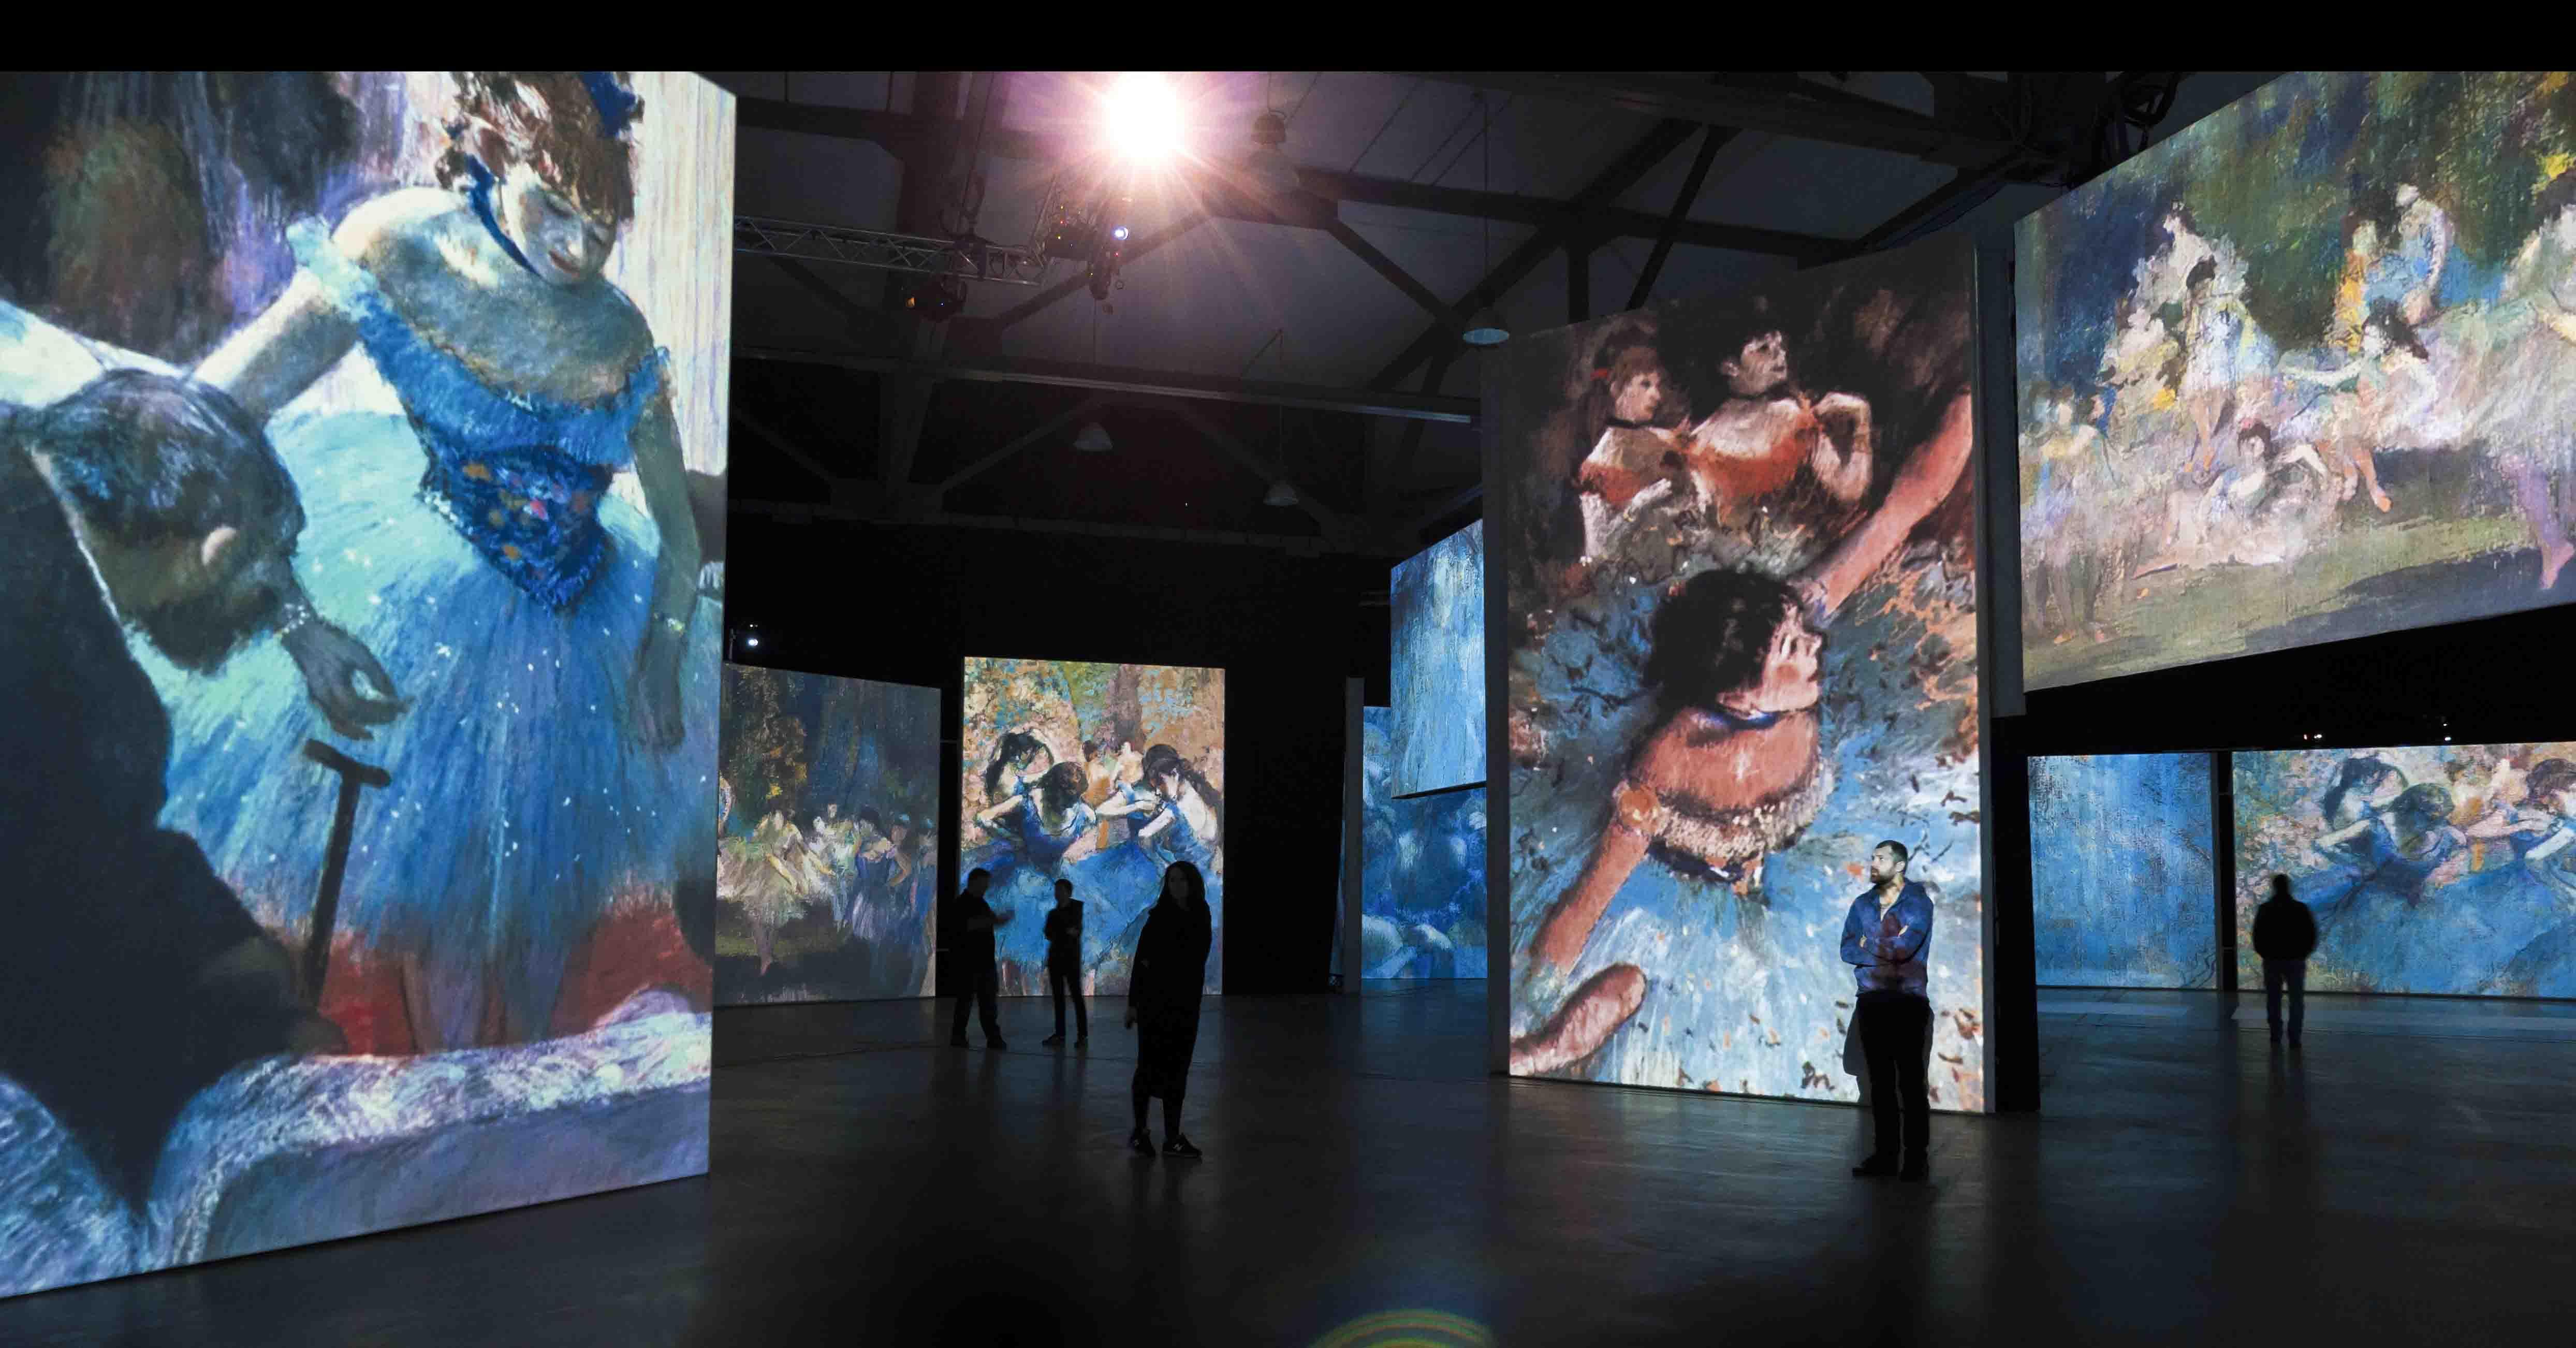 2021「印象莫內-光影體驗展」登場!莫內、雷諾瓦、塞尚...超過2000幅作品,《再見梵谷》之後最震撼展覽!